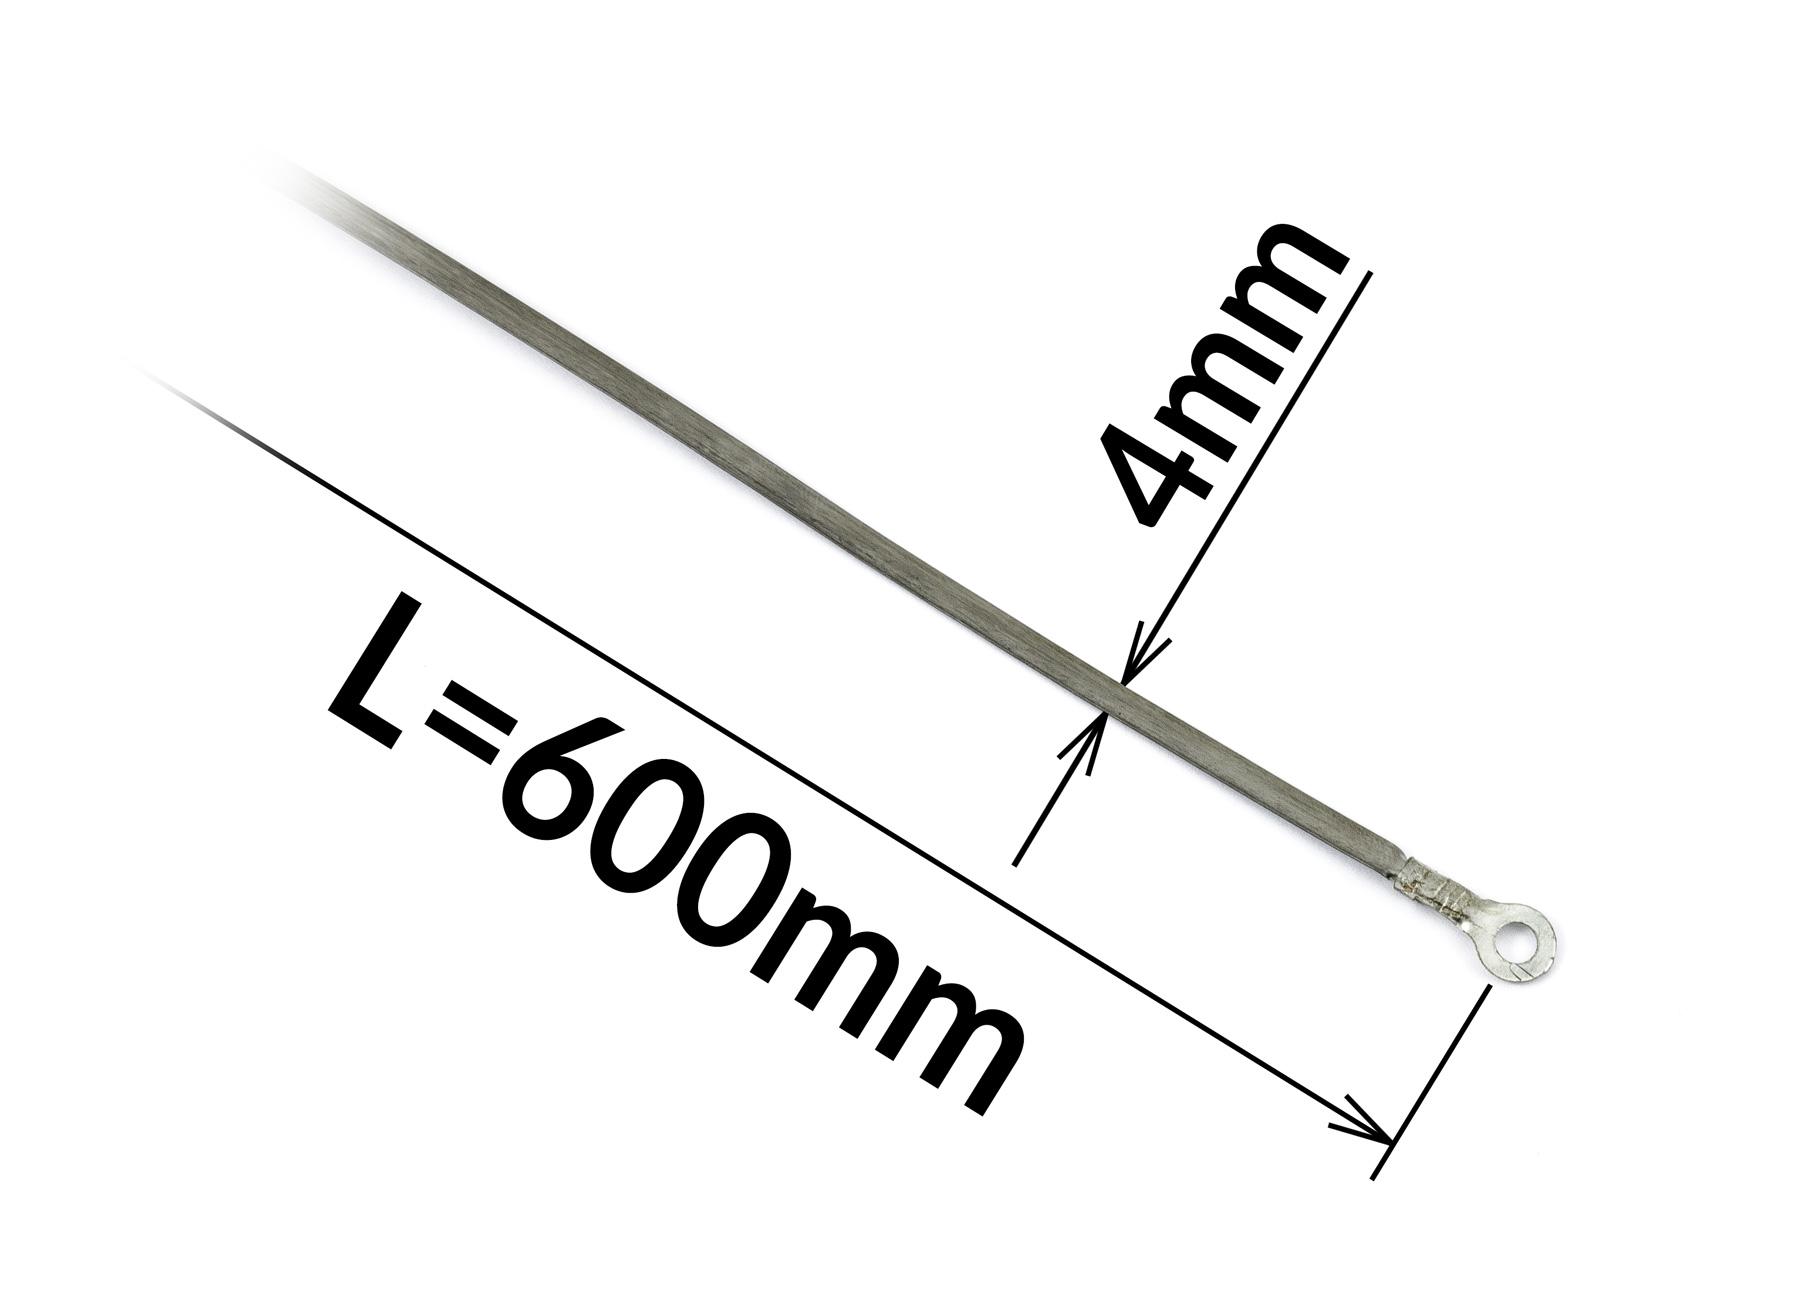 Odporový tavný drát ke svářečce FRN-600 a PFS-600A šířka 4mm